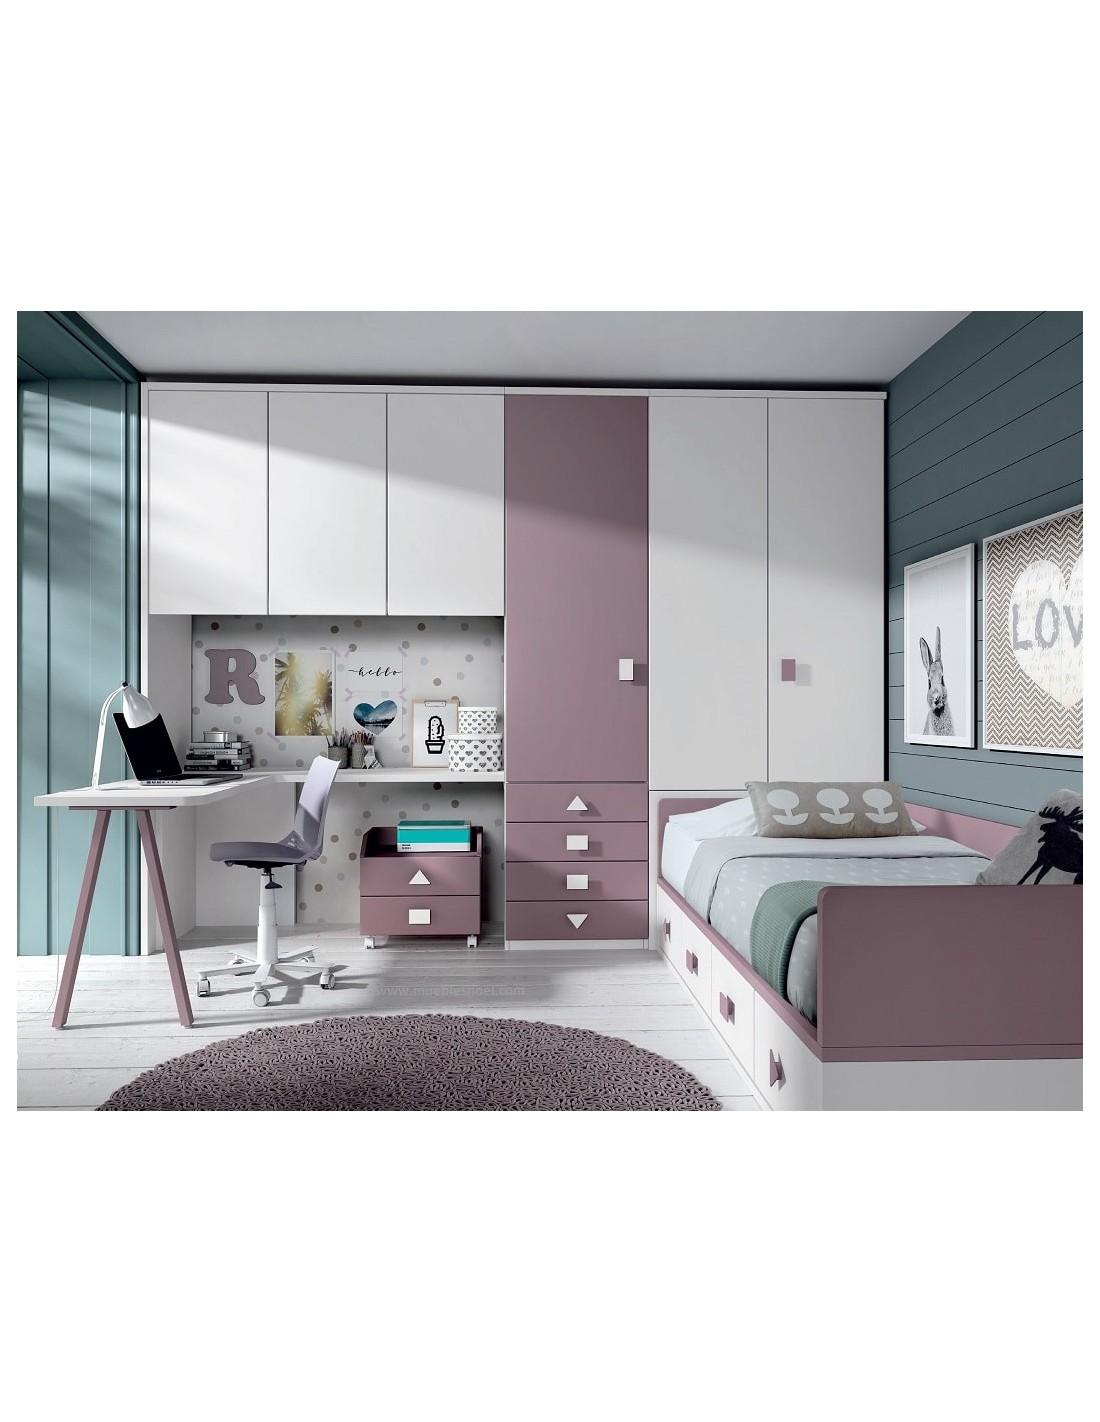 Comprar dormitorio juvenil a medida tienda muebles - Dormitorios juveniles hechos a medida ...